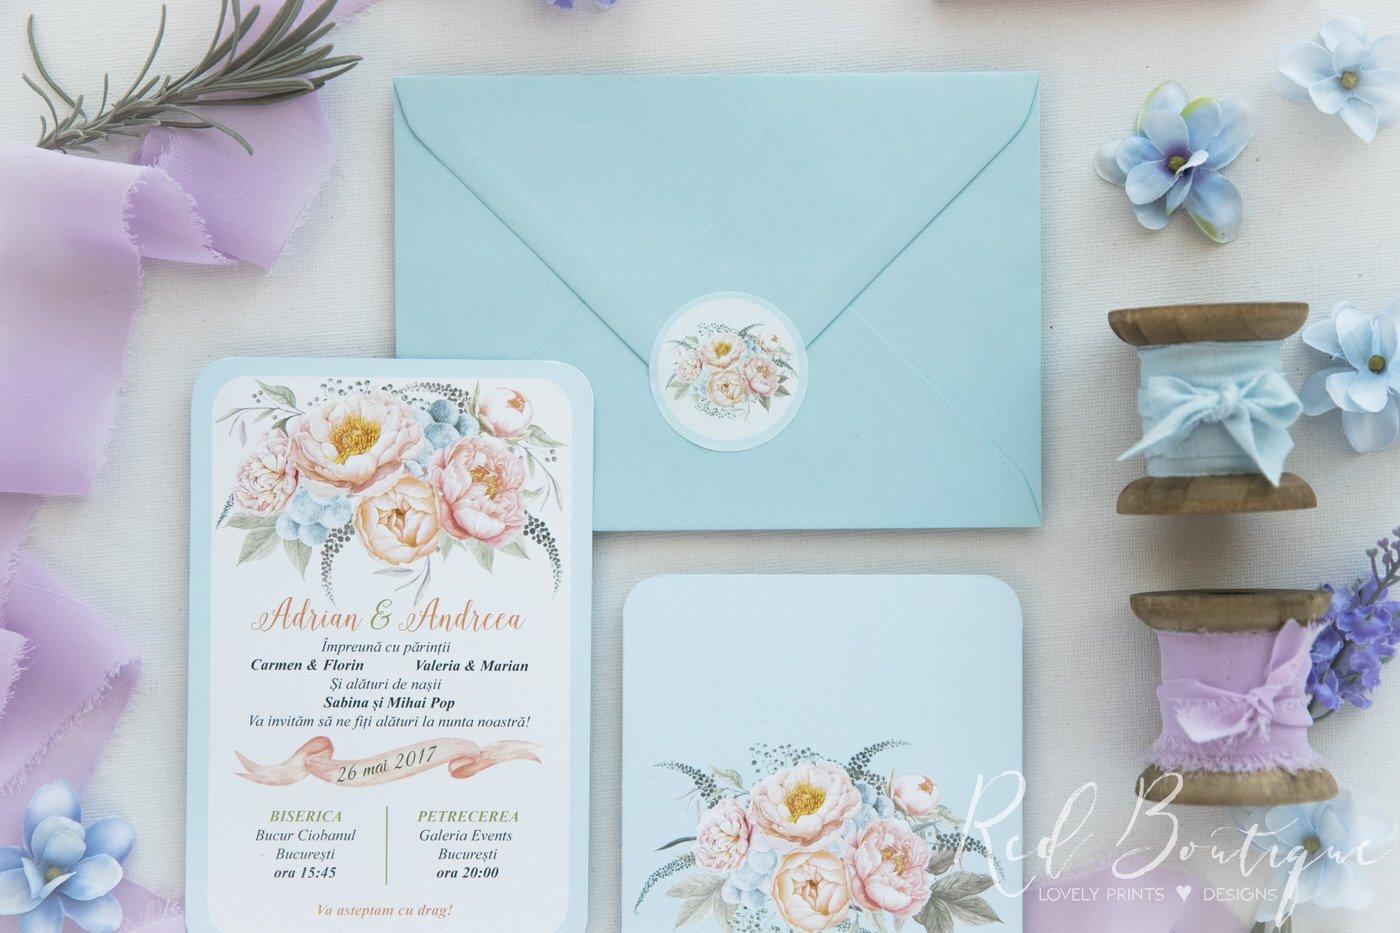 invitatie de nunta postcard cu albastru deschis si flori si plic bleu